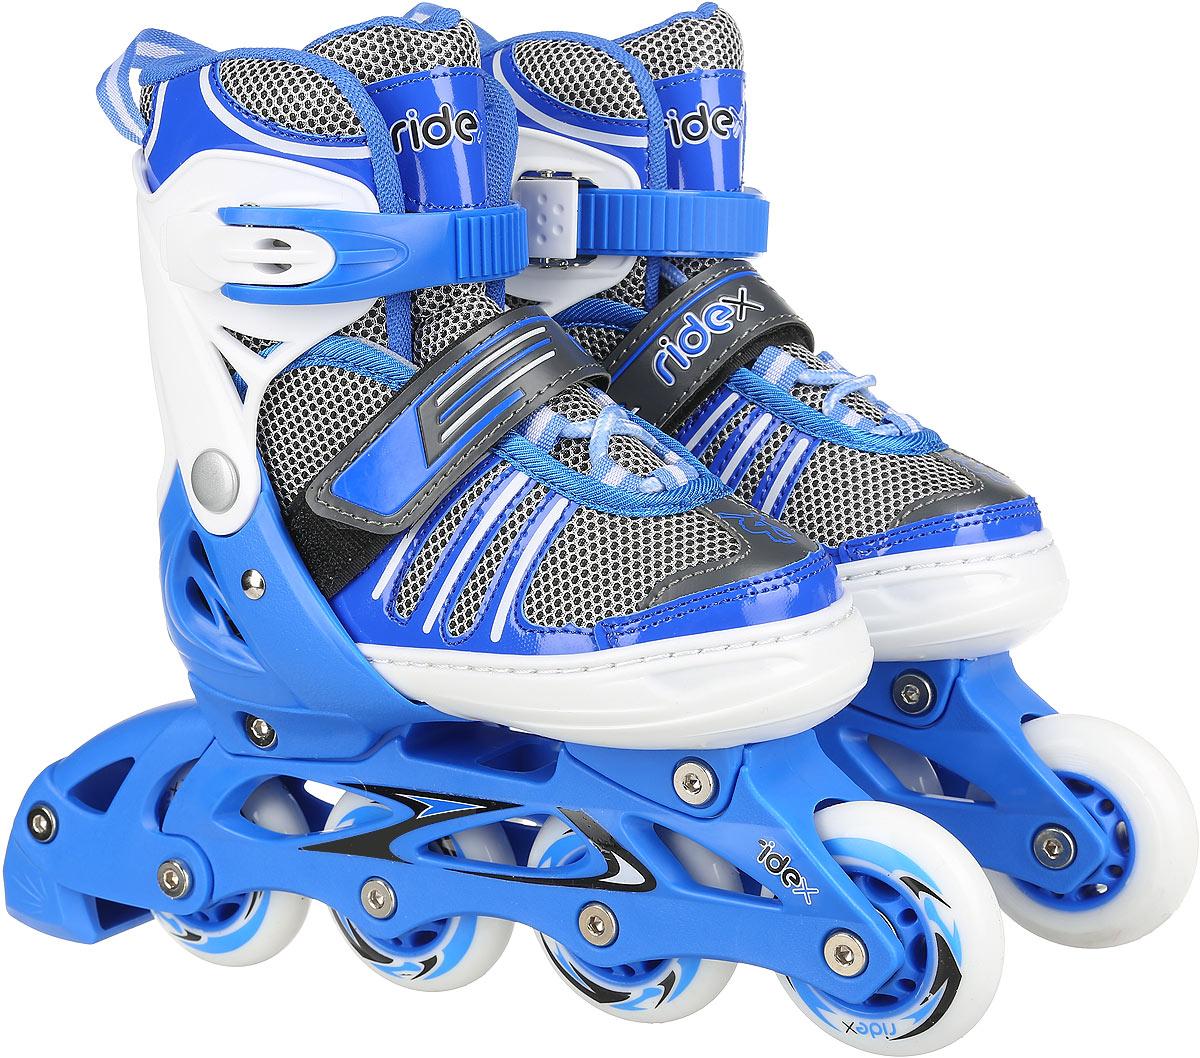 Коньки роликовые Ridex Ringo, раздвижные, цвет: белый, голубой, серый. УТ-00008102. Размер 38/41